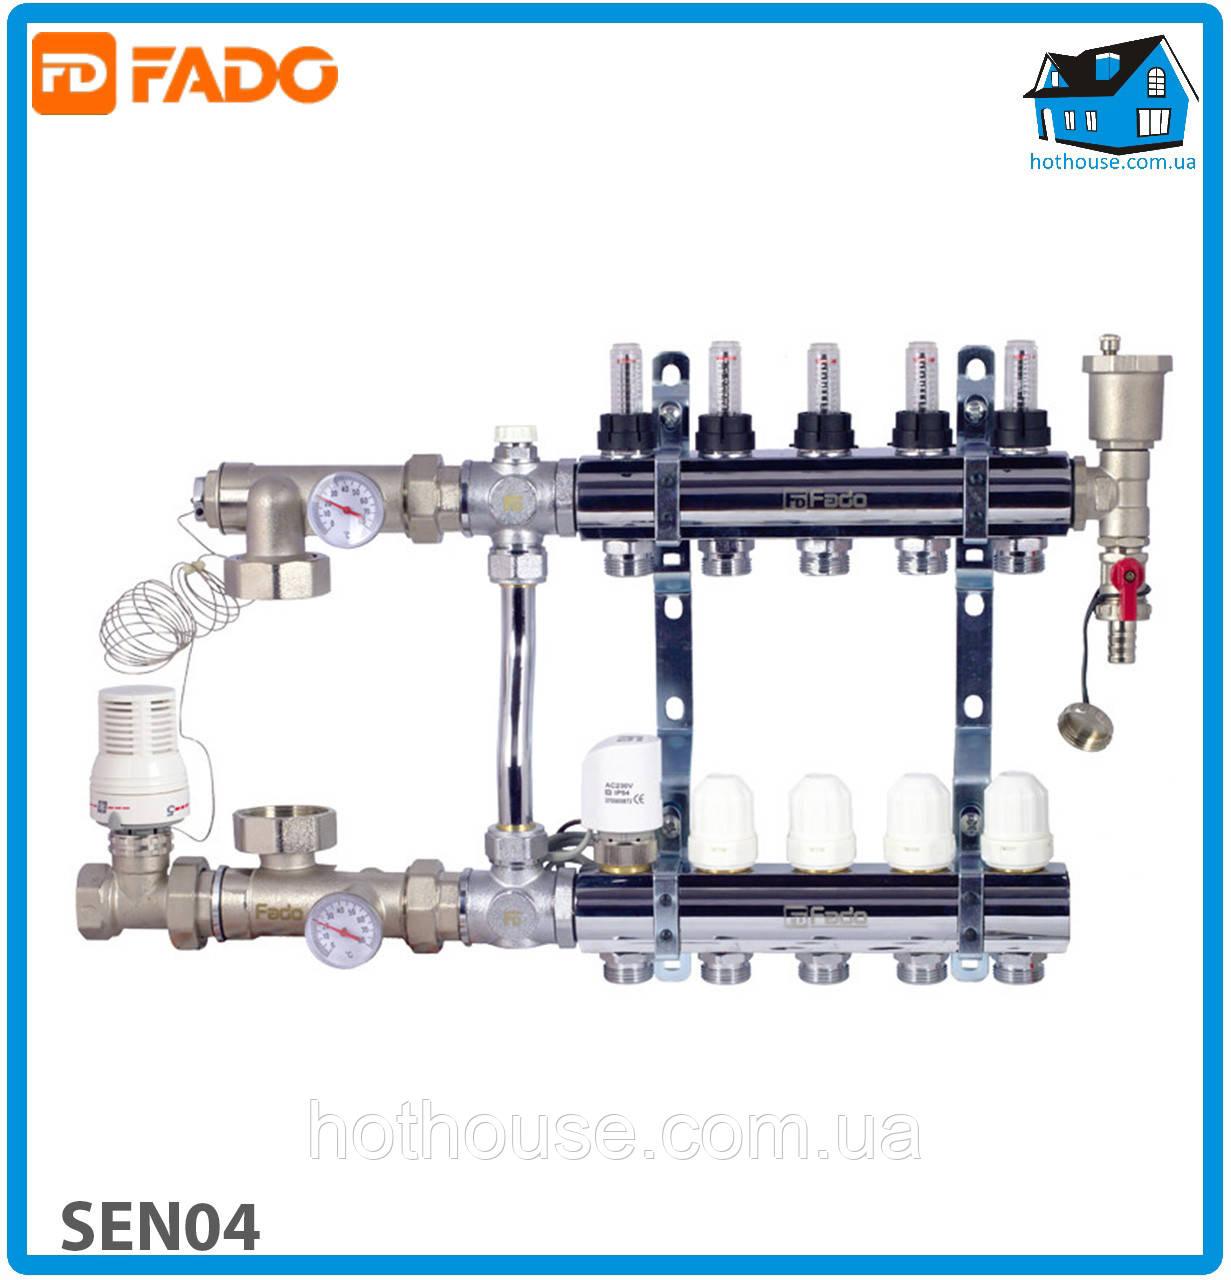 Комплект для подключения системы теплый пол FADO SEN04 FLOOR 4 выхода